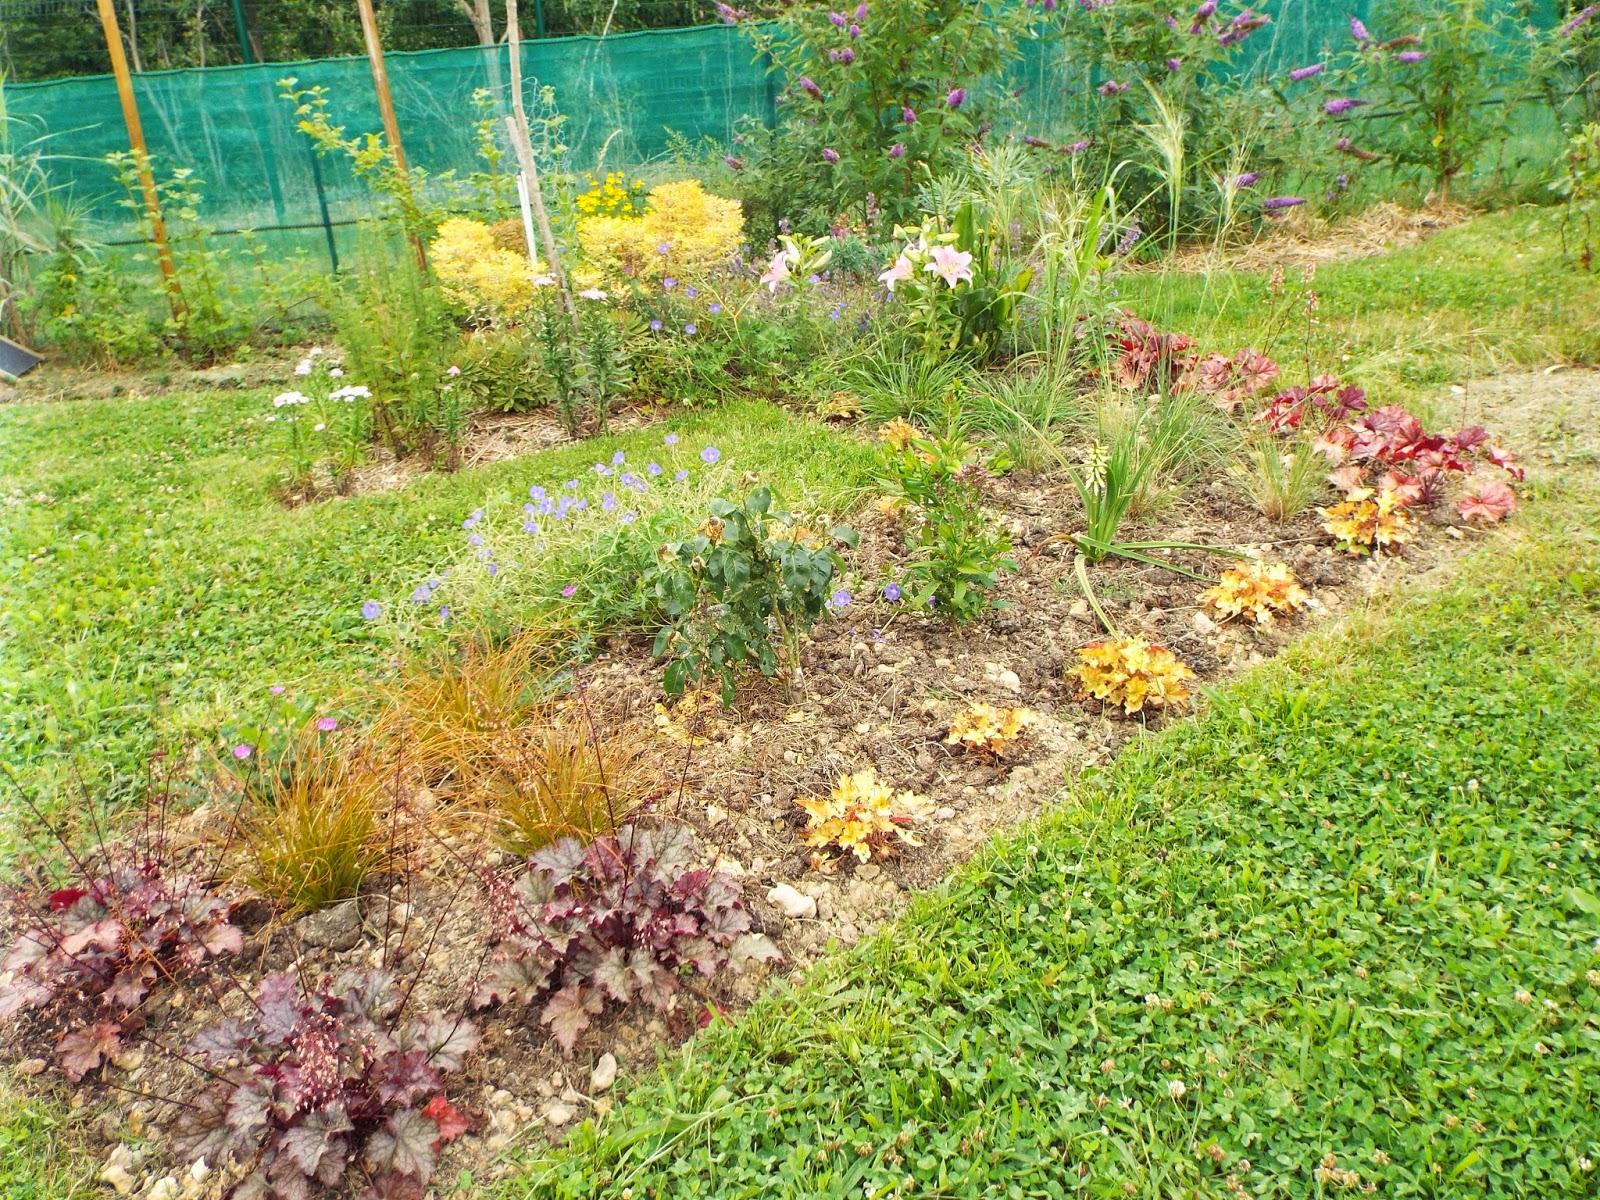 Jardin aux quatre saisons un petit tour au jardin for Portent of passage 6